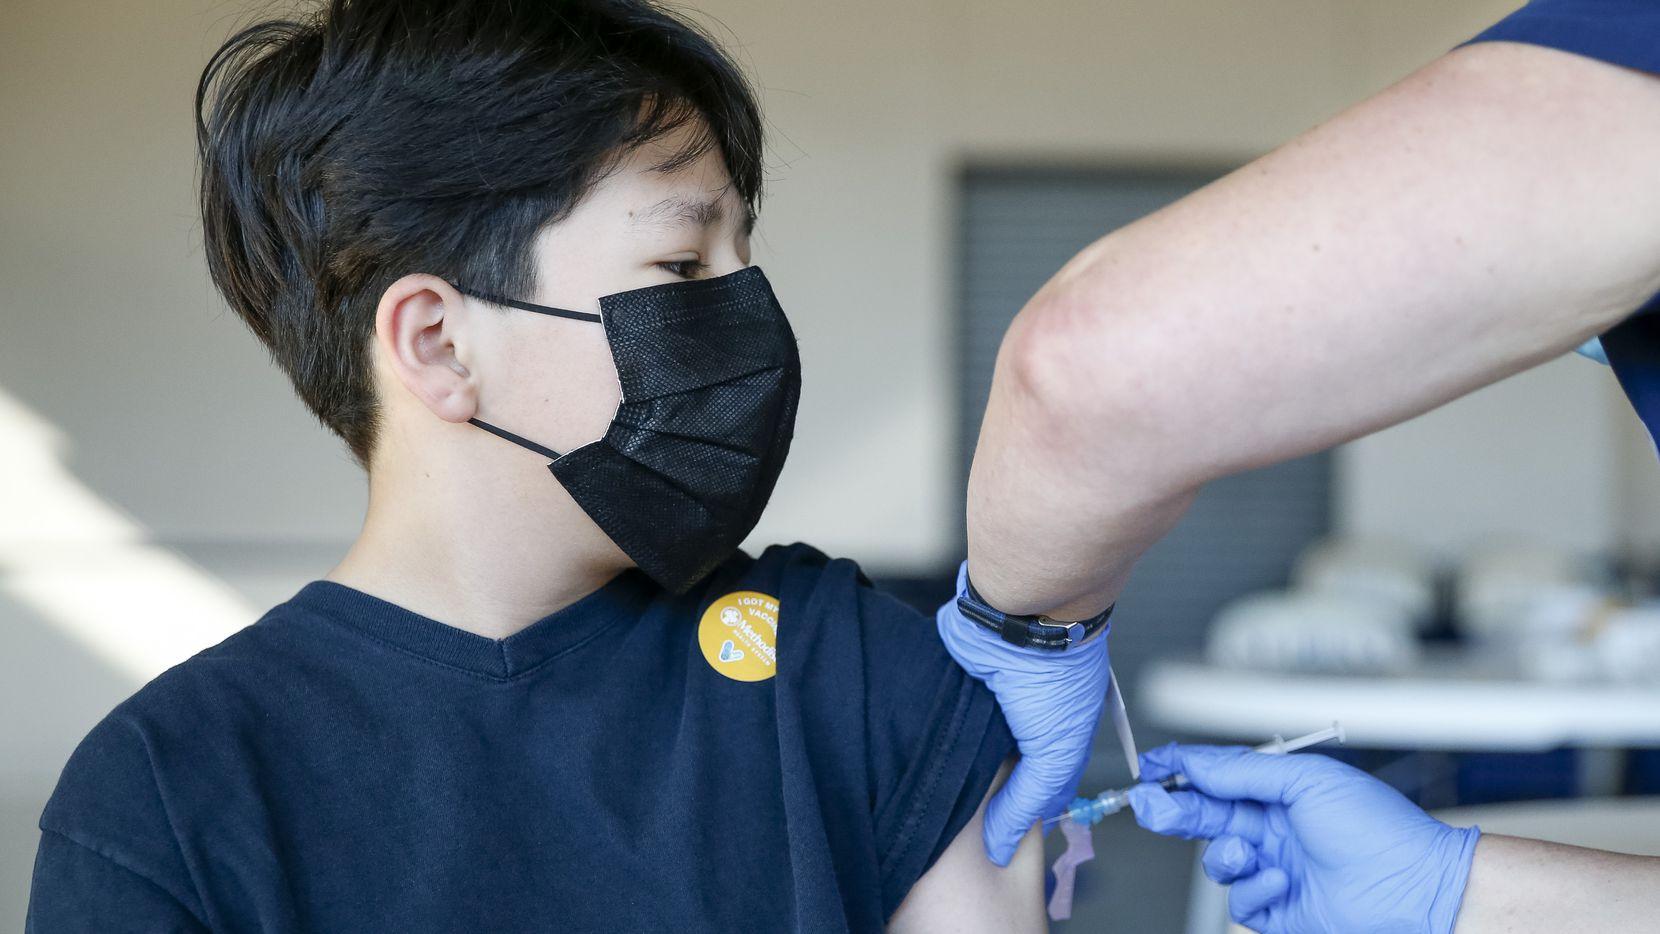 Jancarlo Aguado, de 13 años, recibe una dosis de Pfizer contra covid-19 en una clínica organizada en St. Pius X, el sábado pasado.